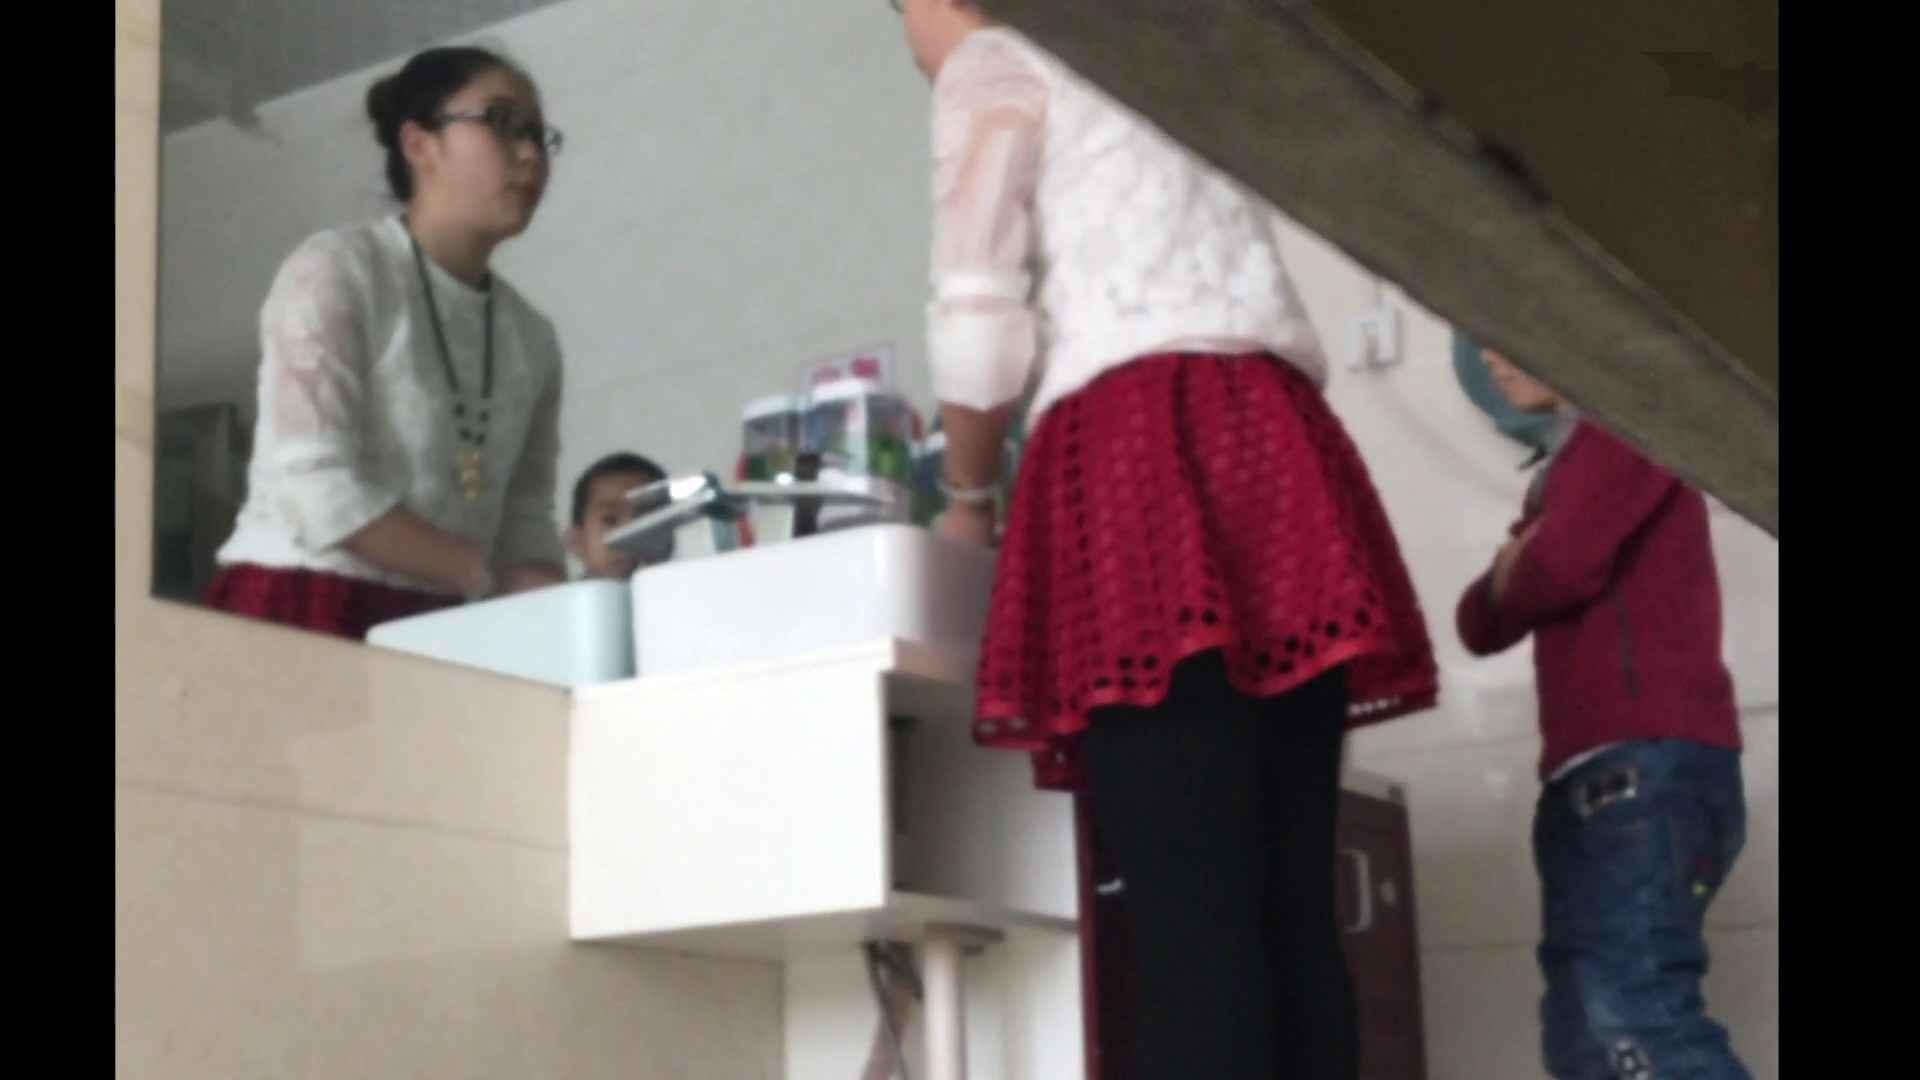 芸術大学ガチ潜入盗撮 JD盗撮 美女の洗面所の秘密 Vol.109 洗面所 盗撮画像 93連発 44